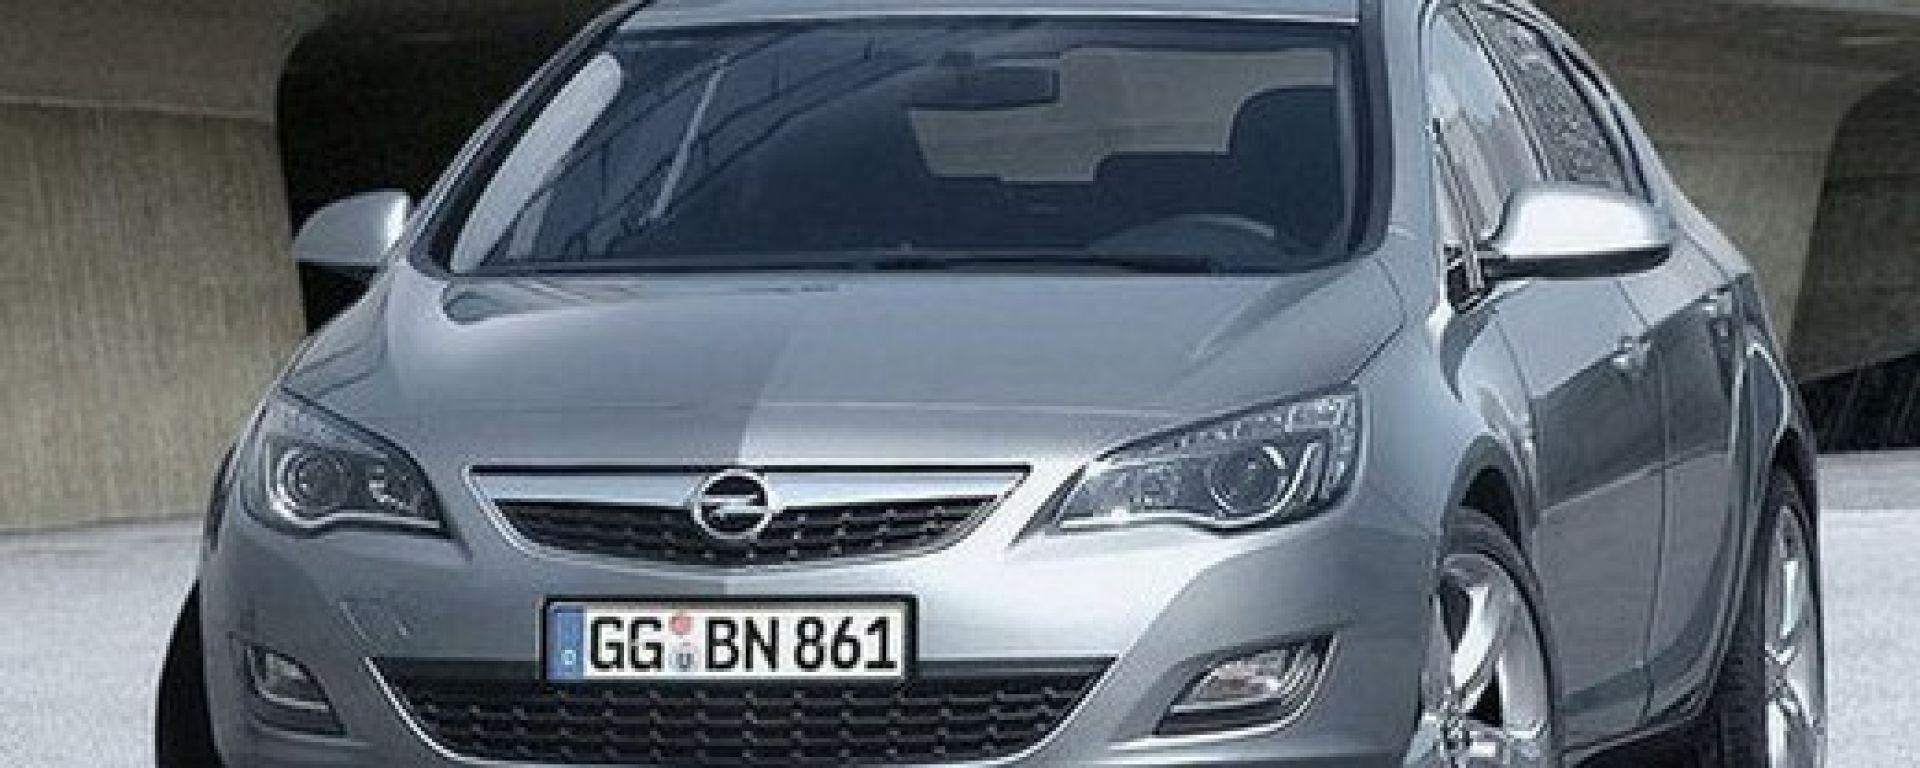 Nuova Opel Astra 2010, le prime foto